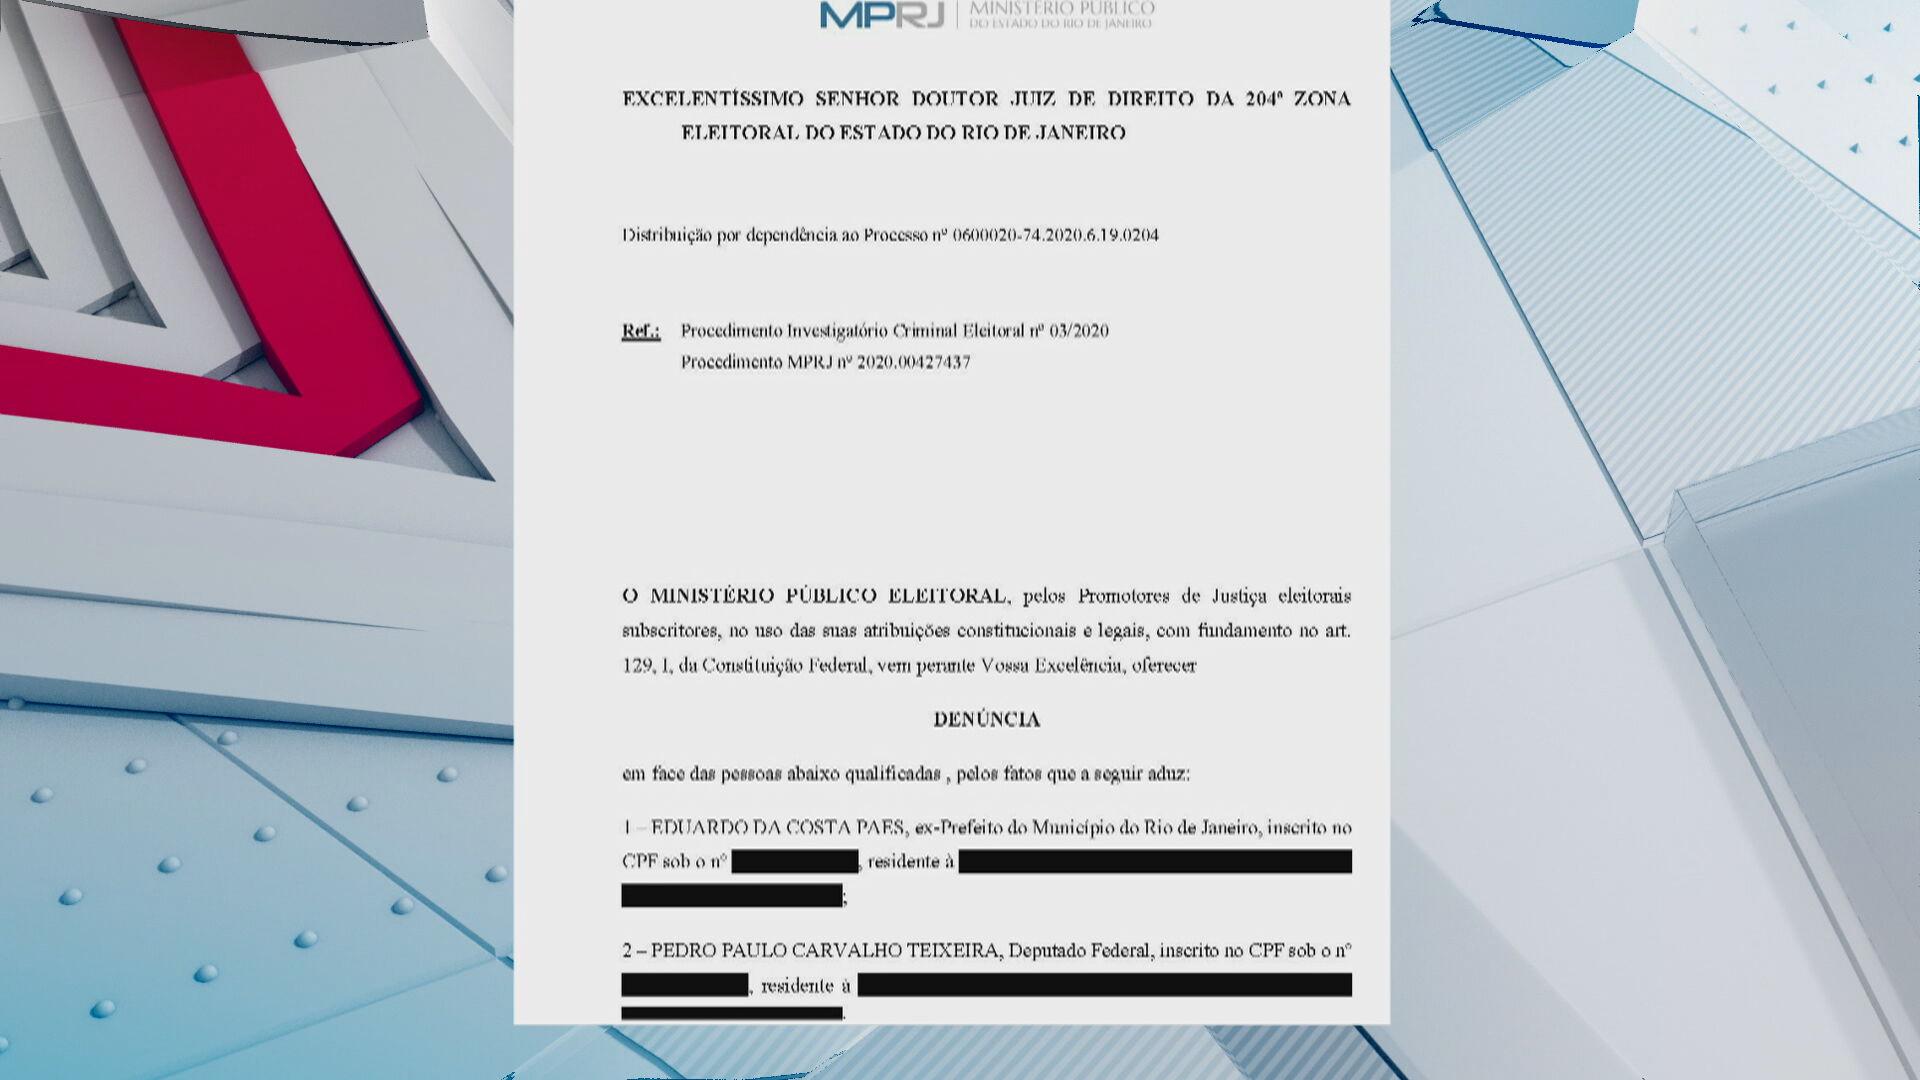 Eduardo Paes recebeu quase R$ 11 milhões em propina, segundo MP